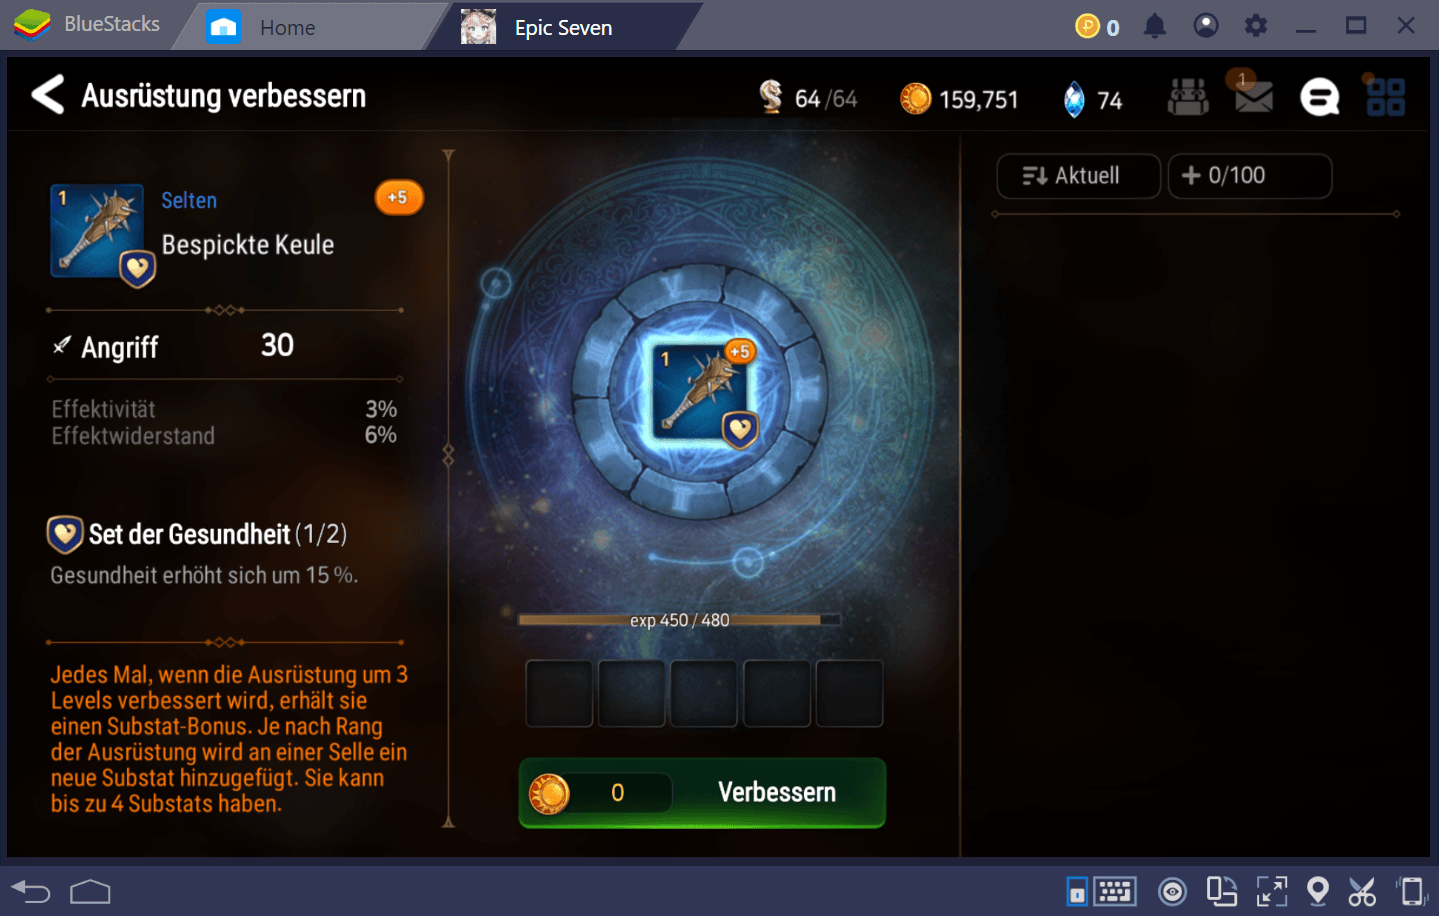 Epic Seven: Finde die beste Ausrüstung und lege sie deinen Helden an